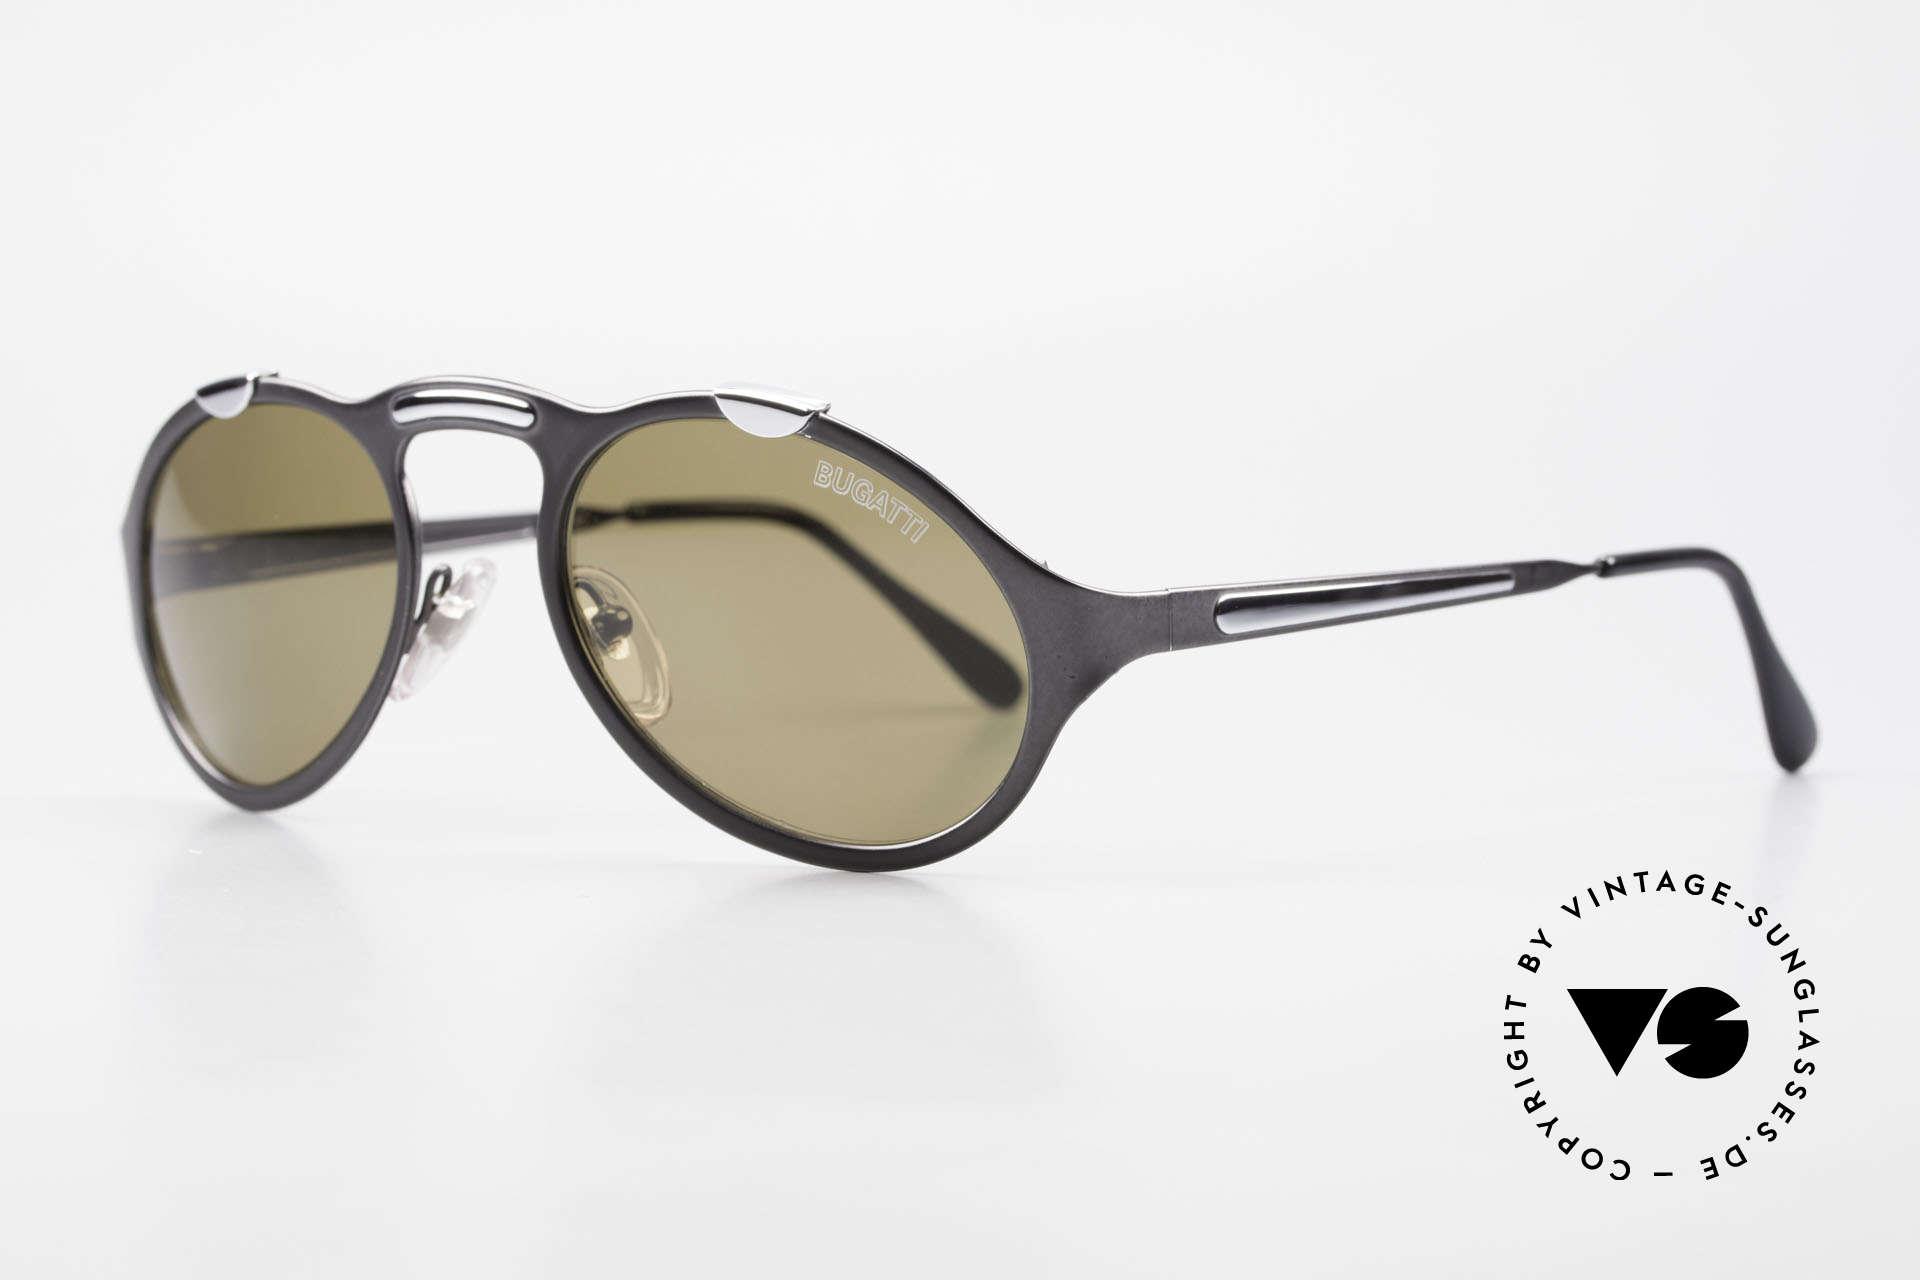 Bugatti 13152 Limited Luxus Vintage Sonnenbrille, Mitte der 90er J. in Frankreich produziert; Top-Qualität, Passend für Herren